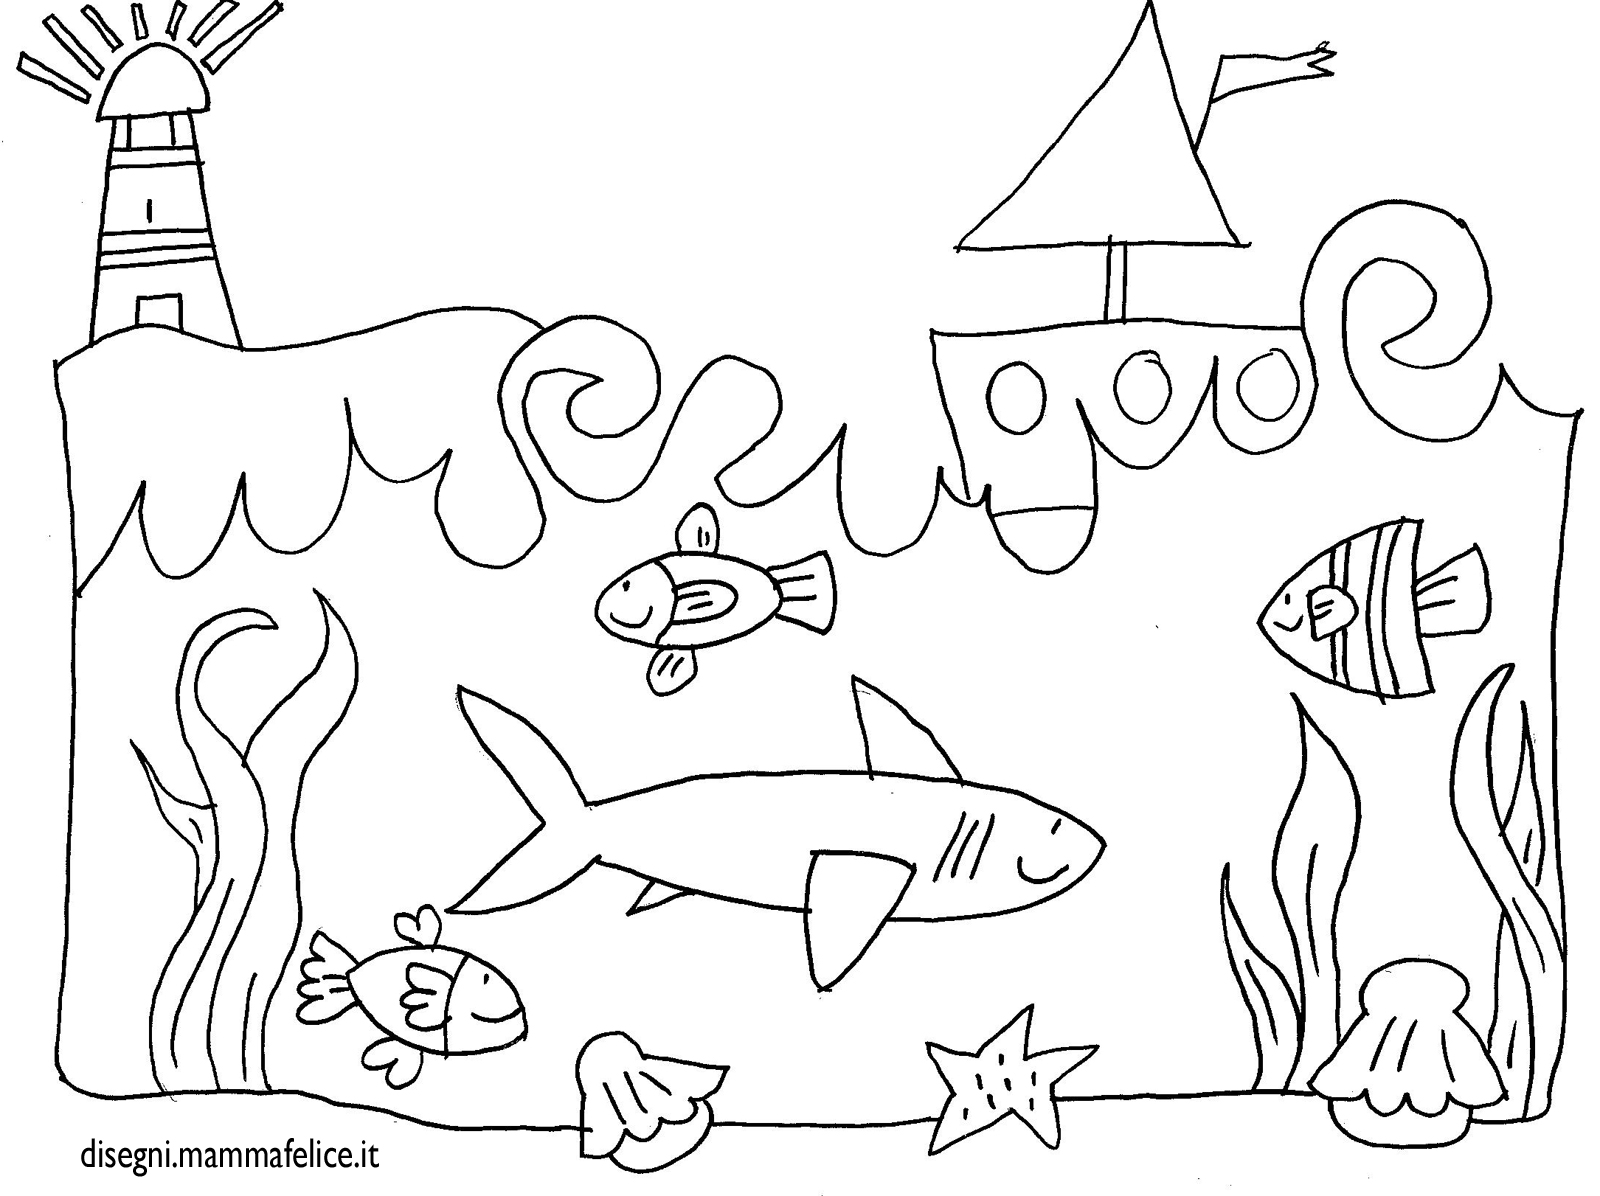 Elegante Storie Sociali Bambina Spiaggia Disegni Colorati Migliori